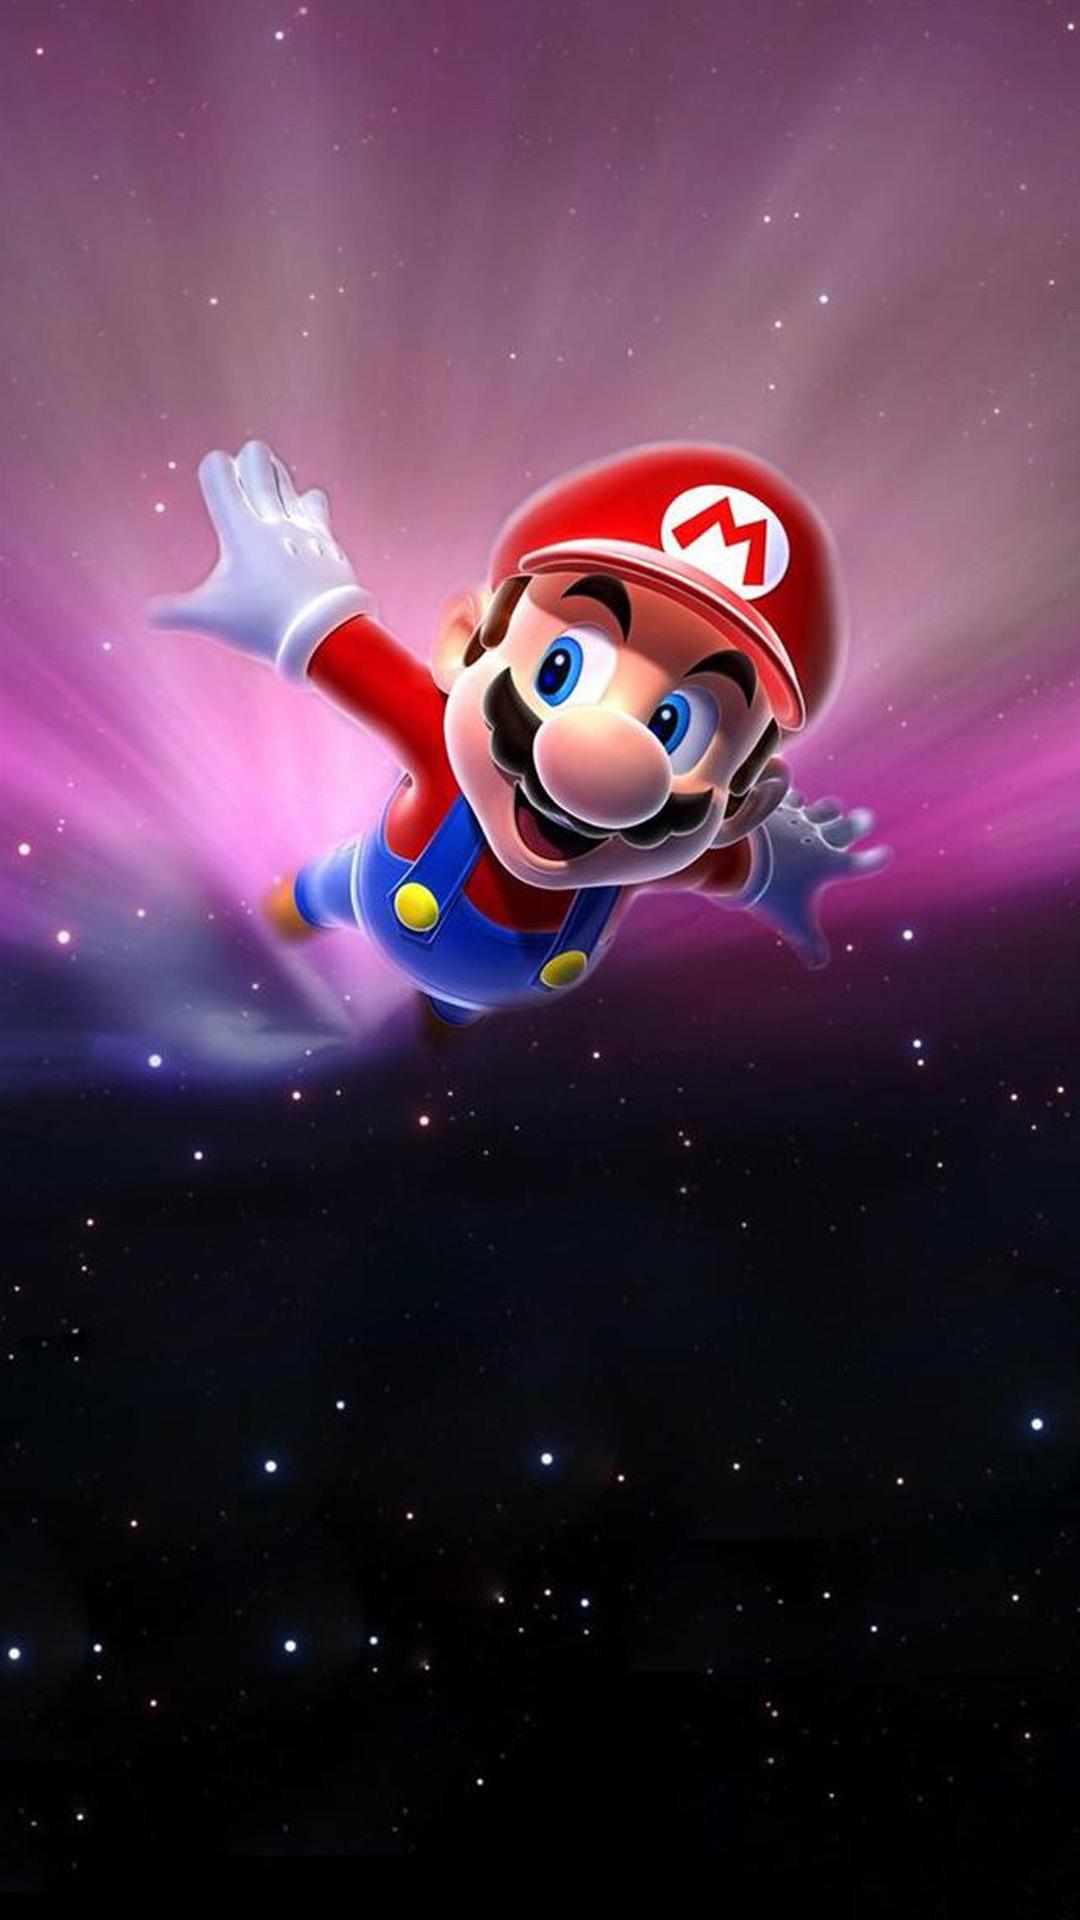 Mario flying in space Mac